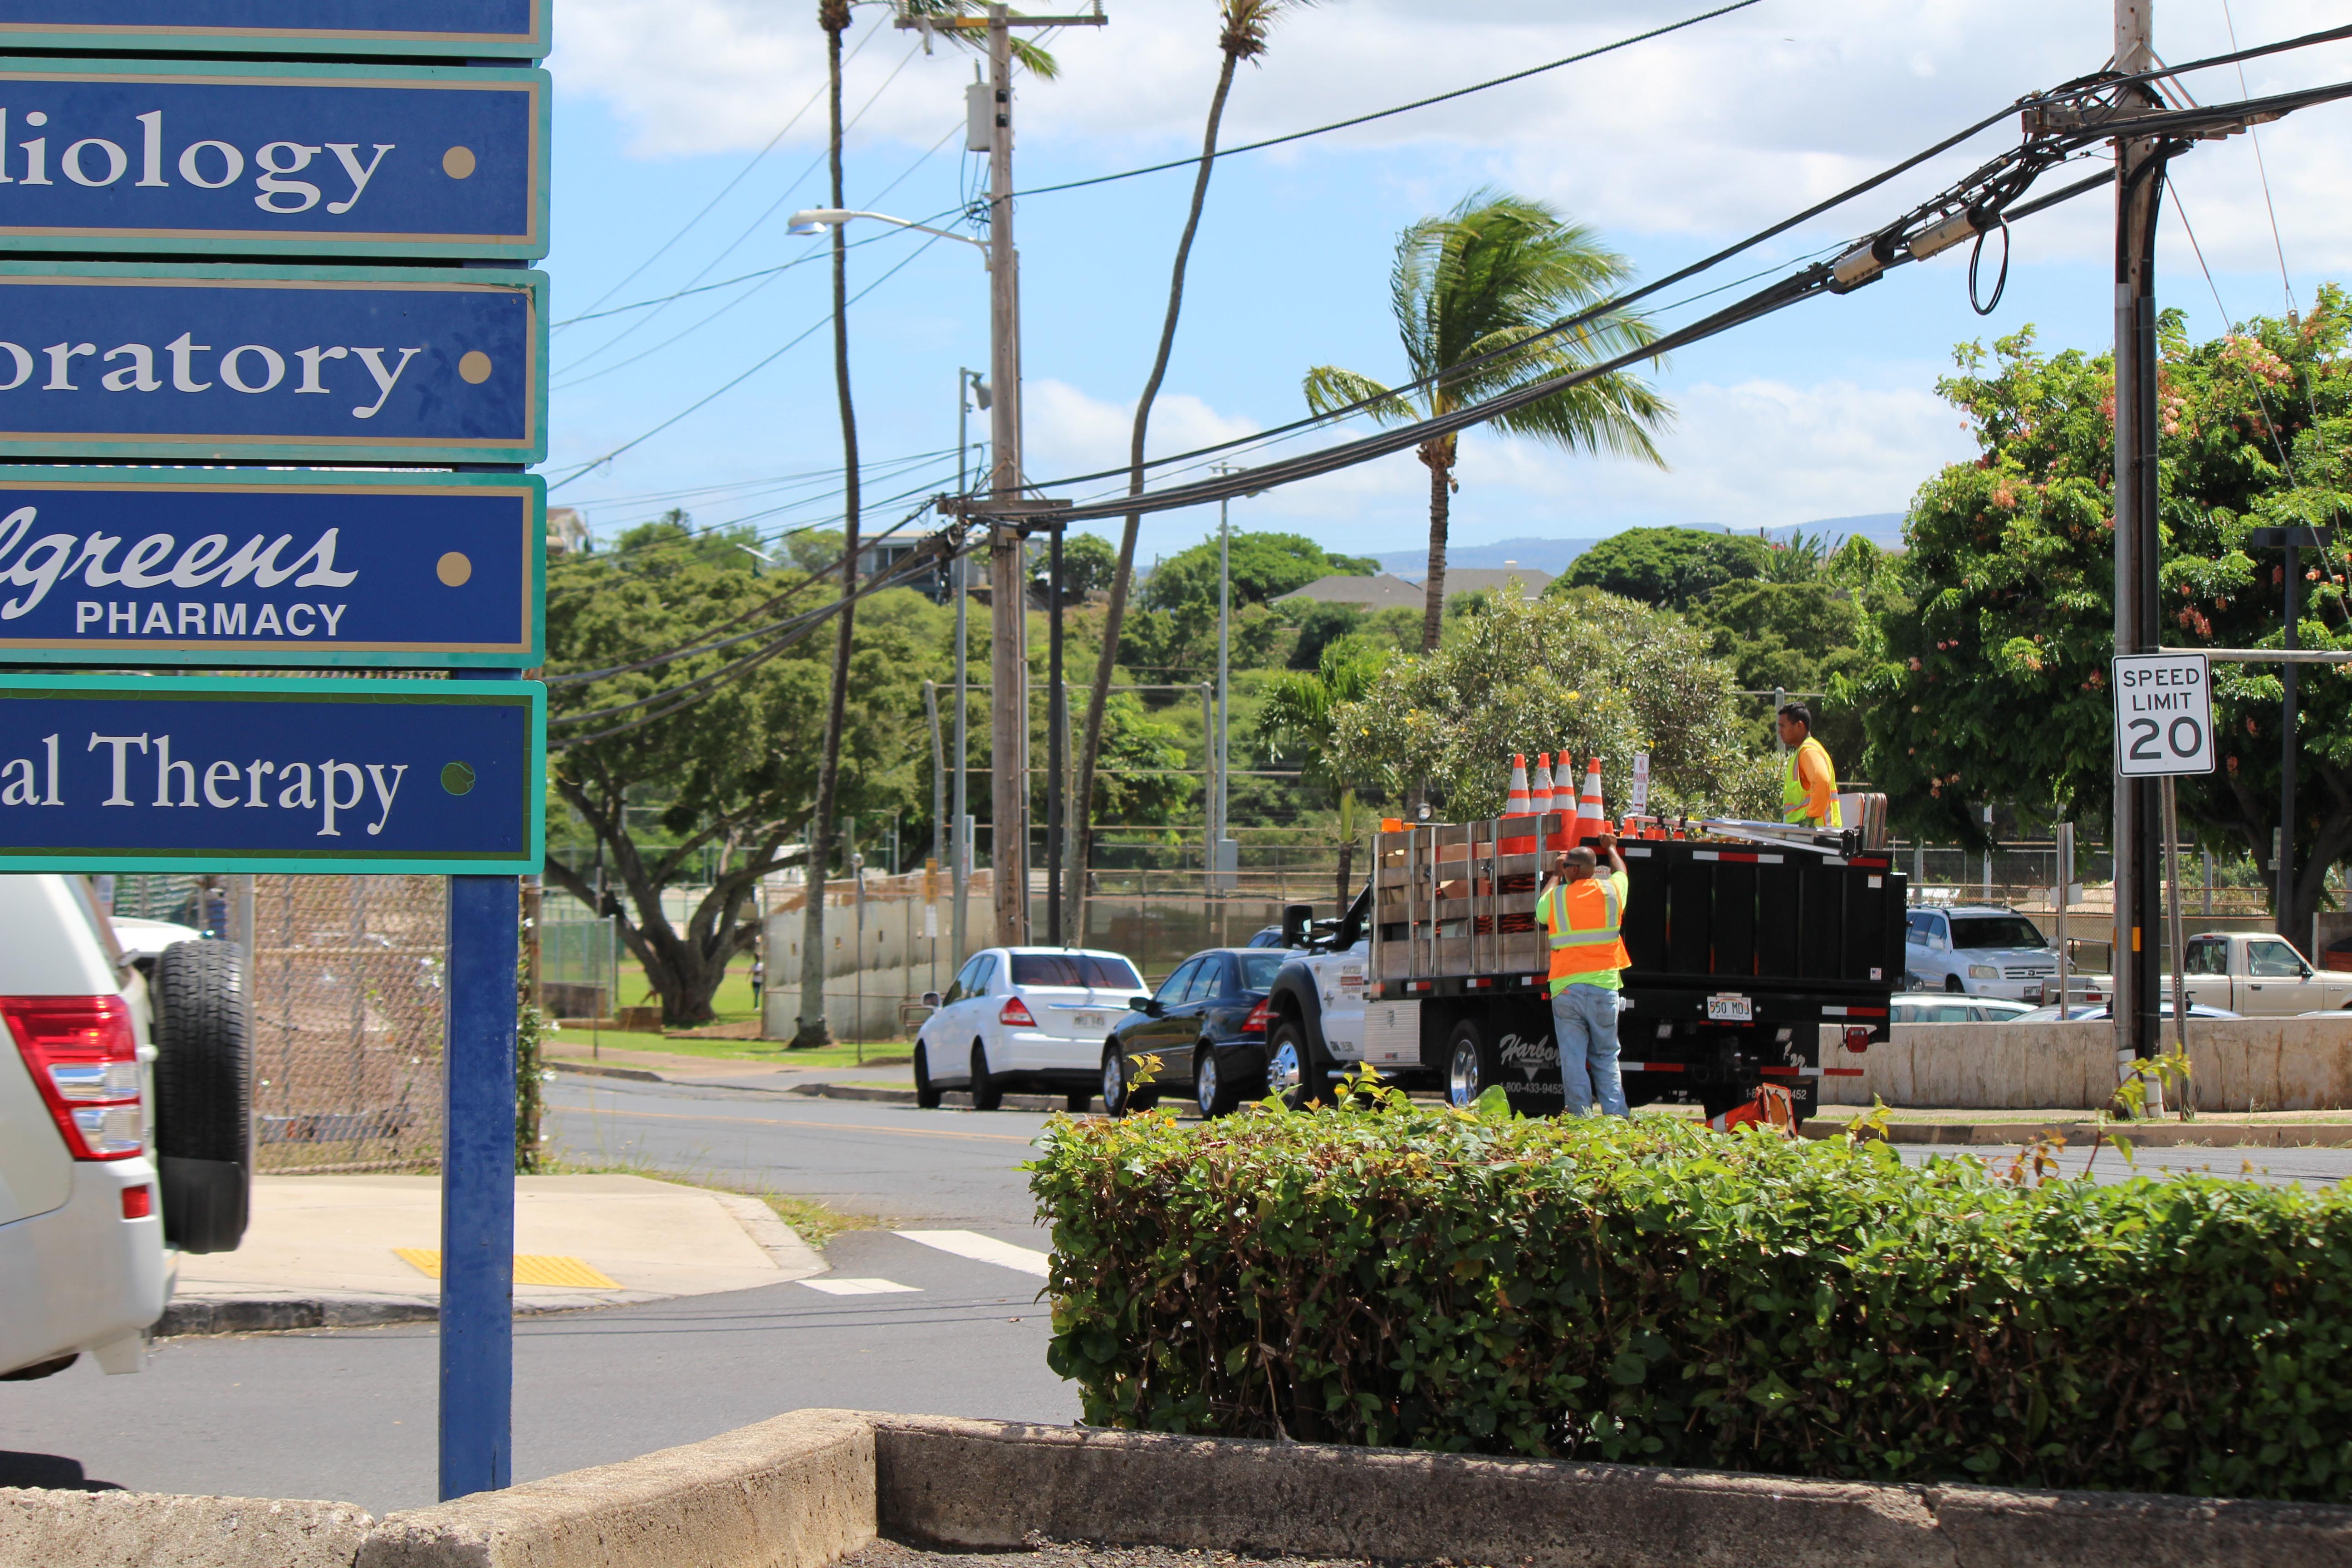 Wells Park, Wailuku Maui. Maui Now image.